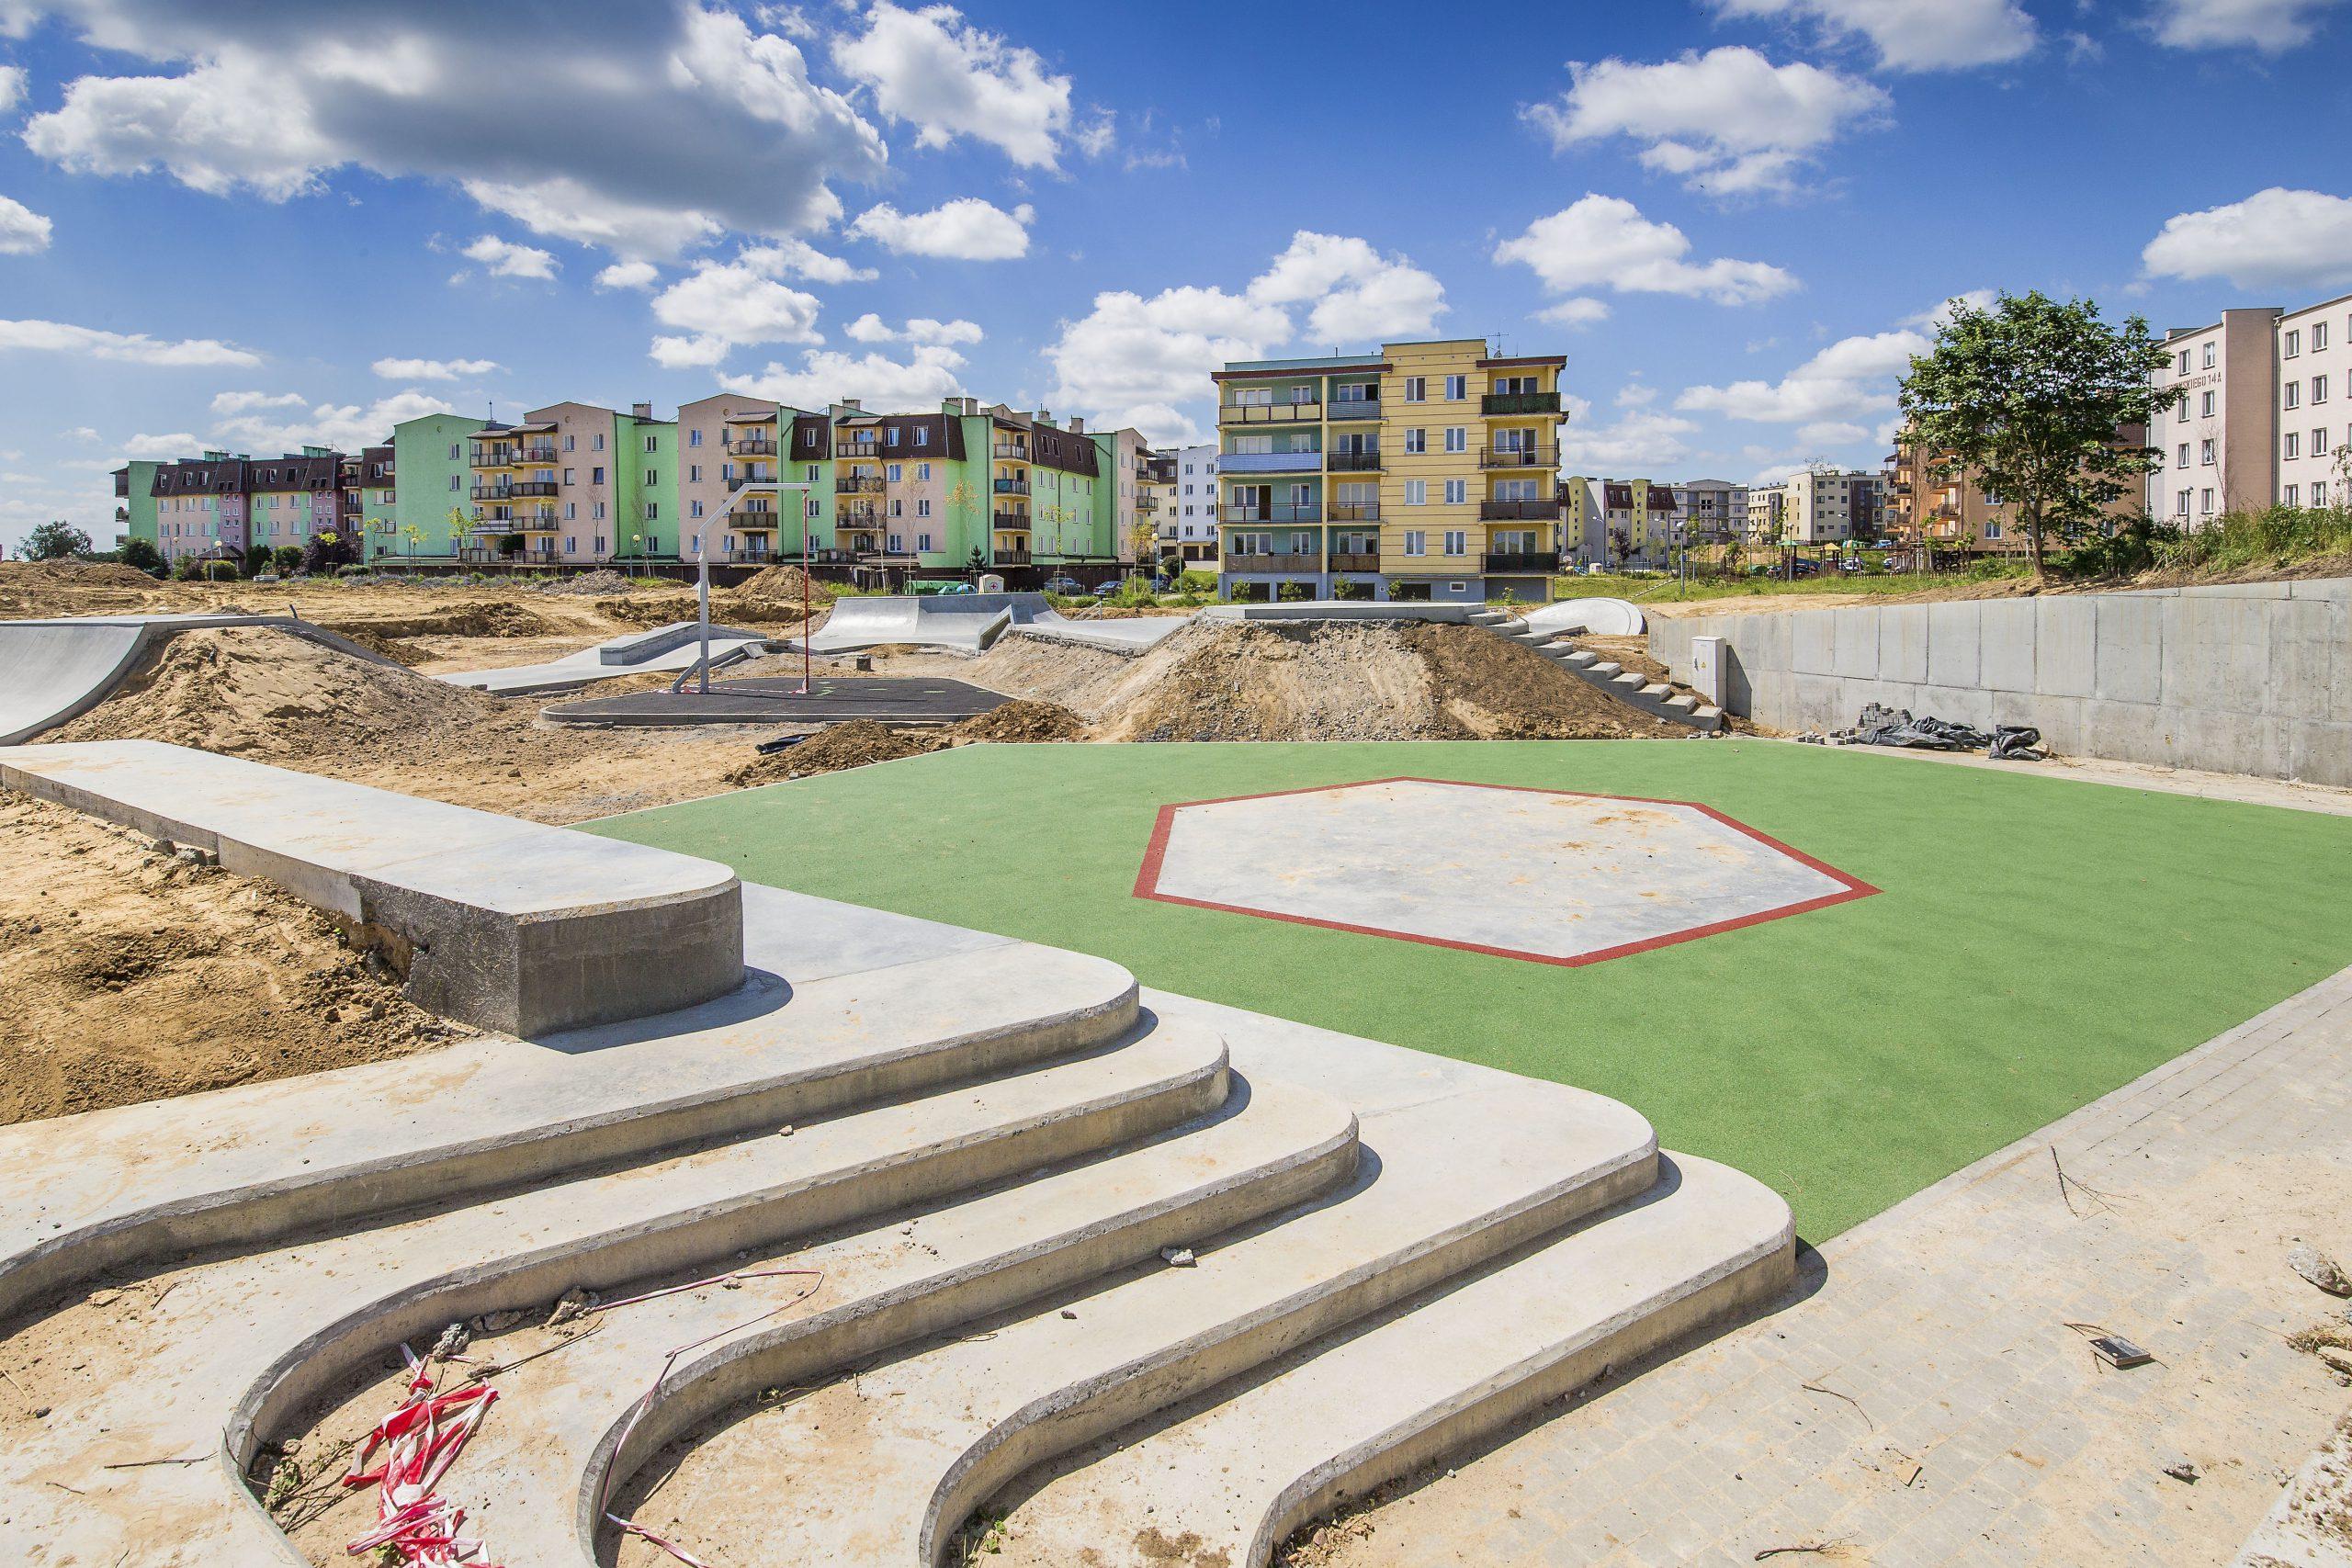 betonowe schody skate parku, w tle trawnik